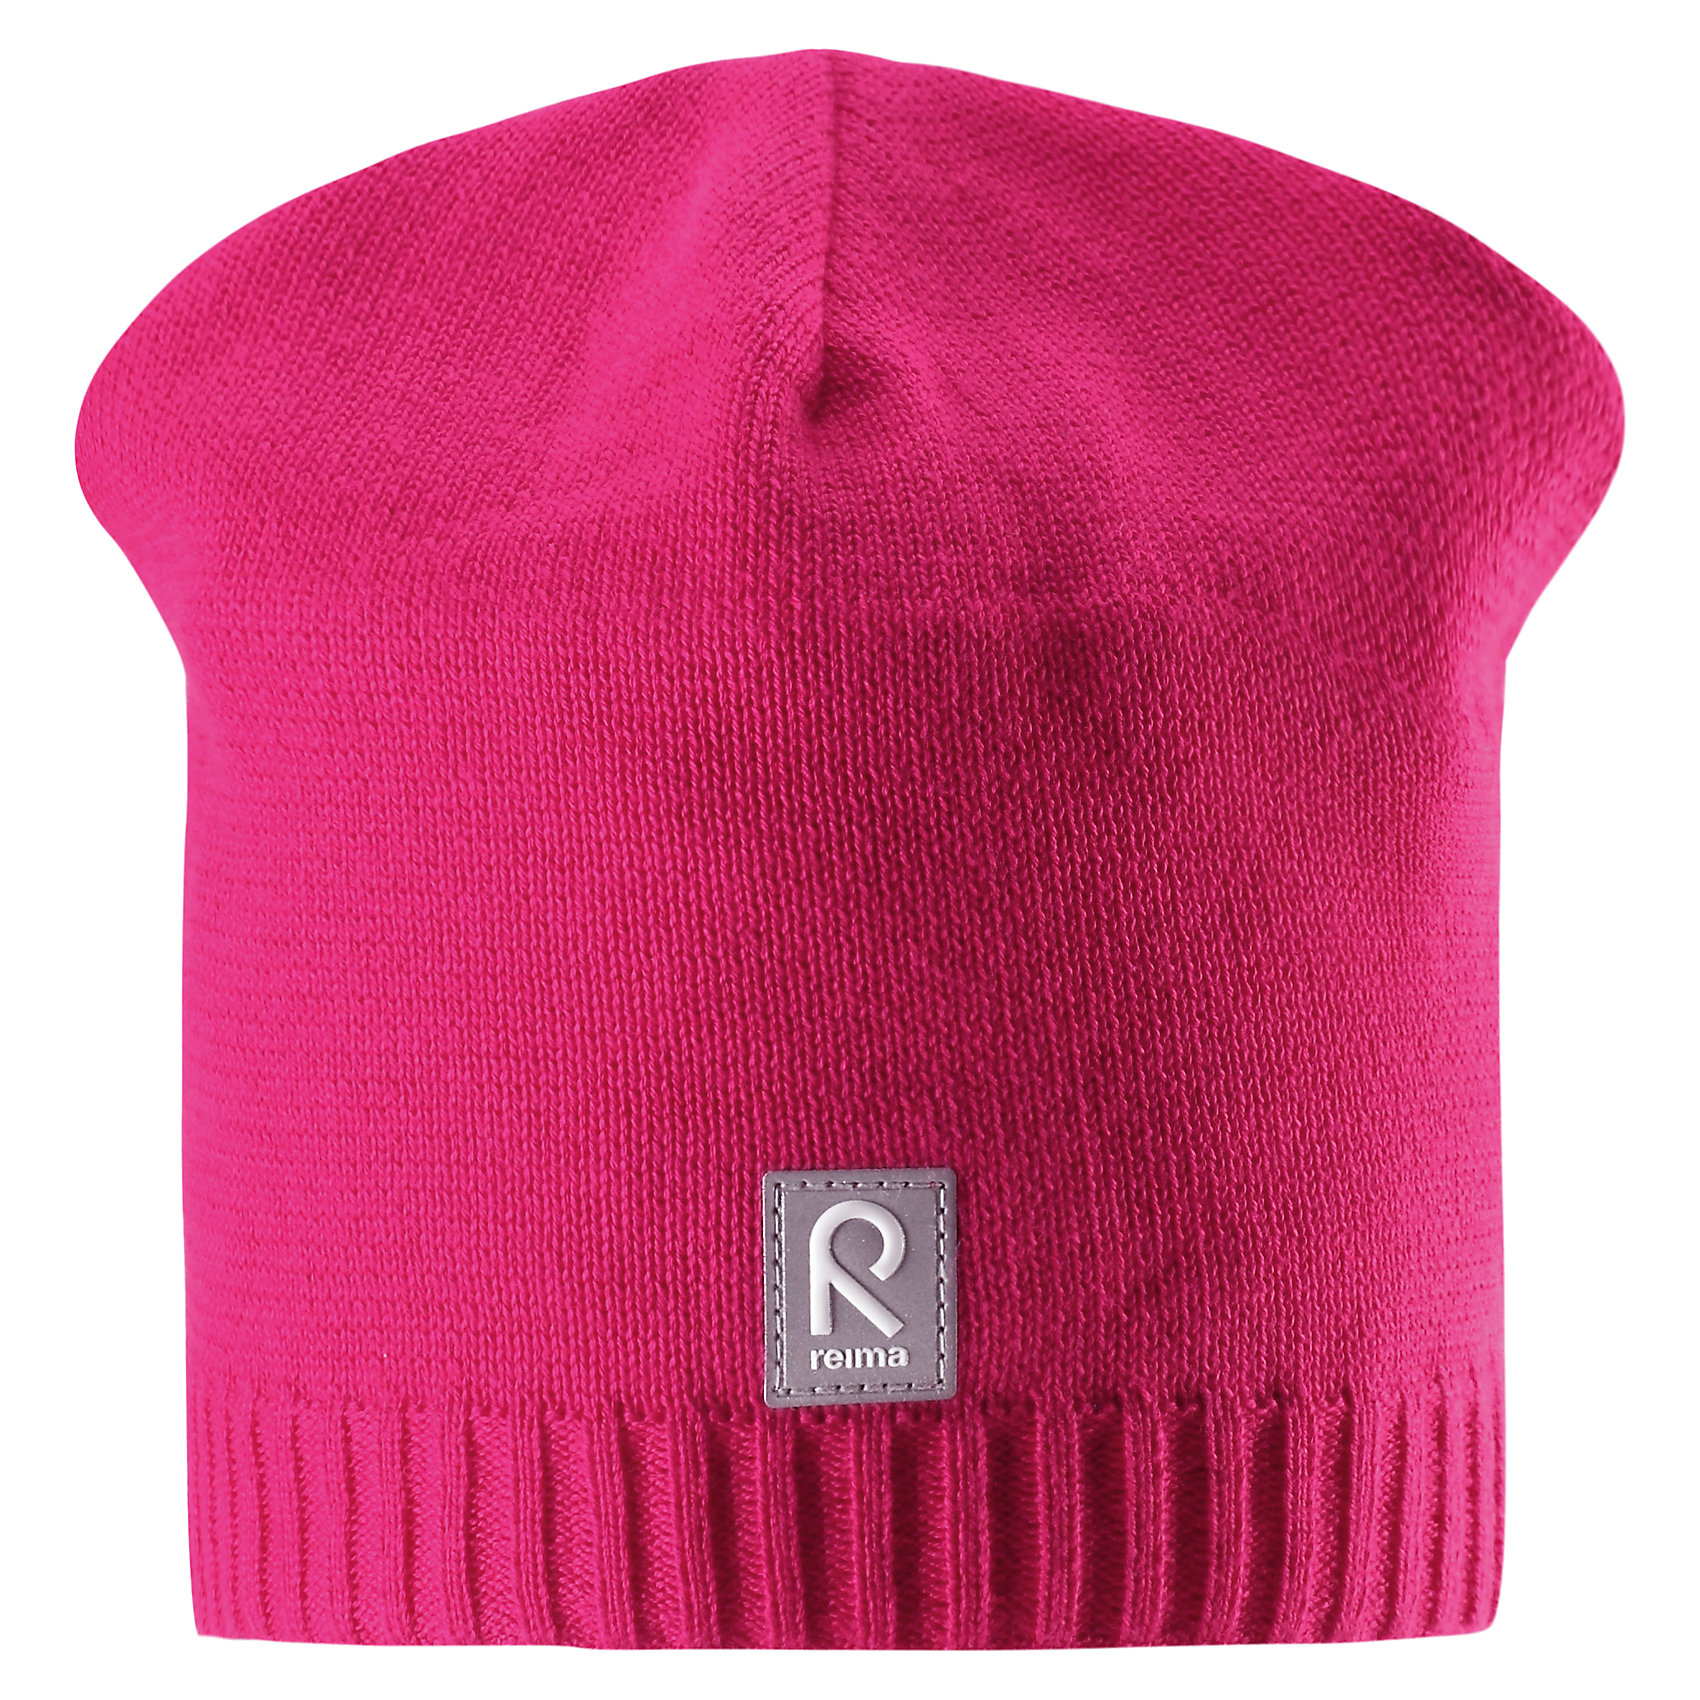 Шапка Datoline для девочки ReimaШапки и шарфы<br>Характеристики товара:<br><br>• цвет: фуксия<br>• состав: 100% хлопок<br>• температурный режим: от +7С<br>• эластичный хлопковый трикотаж<br>• изделие сертифицированно по стандарту Oeko-Tex на продукцию класса 2 - одежда, контактирующая с кожей<br>• ветронепроницаемые вставки в области ушей<br>• полуподкладка: хлопковый трикотаж<br>• эмблема Reima спереди<br>• светоотражающая эмблема спереди<br>• страна бренда: Финляндия<br>• страна производства: Китай<br><br>Детский головной убор может быть модным и удобным одновременно! Стильная шапка поможет обеспечить ребенку комфорт и дополнить наряд.Шапка удобно сидит и аккуратно выглядит. Проста в уходе, долго служит. Стильный дизайн разрабатывался специально для детей. Отличная защита от дождя и ветра!<br><br>Уход:<br><br>• стирать по отдельности, вывернув наизнанку<br>• придать первоначальную форму вo влажном виде<br>• возможна усадка 5 %.<br><br>Шапку от финского бренда Reima (Рейма) можно купить в нашем интернет-магазине.<br><br>Ширина мм: 89<br>Глубина мм: 117<br>Высота мм: 44<br>Вес г: 155<br>Цвет: розовый<br>Возраст от месяцев: 18<br>Возраст до месяцев: 36<br>Пол: Женский<br>Возраст: Детский<br>Размер: 50,56,52,54<br>SKU: 5267970